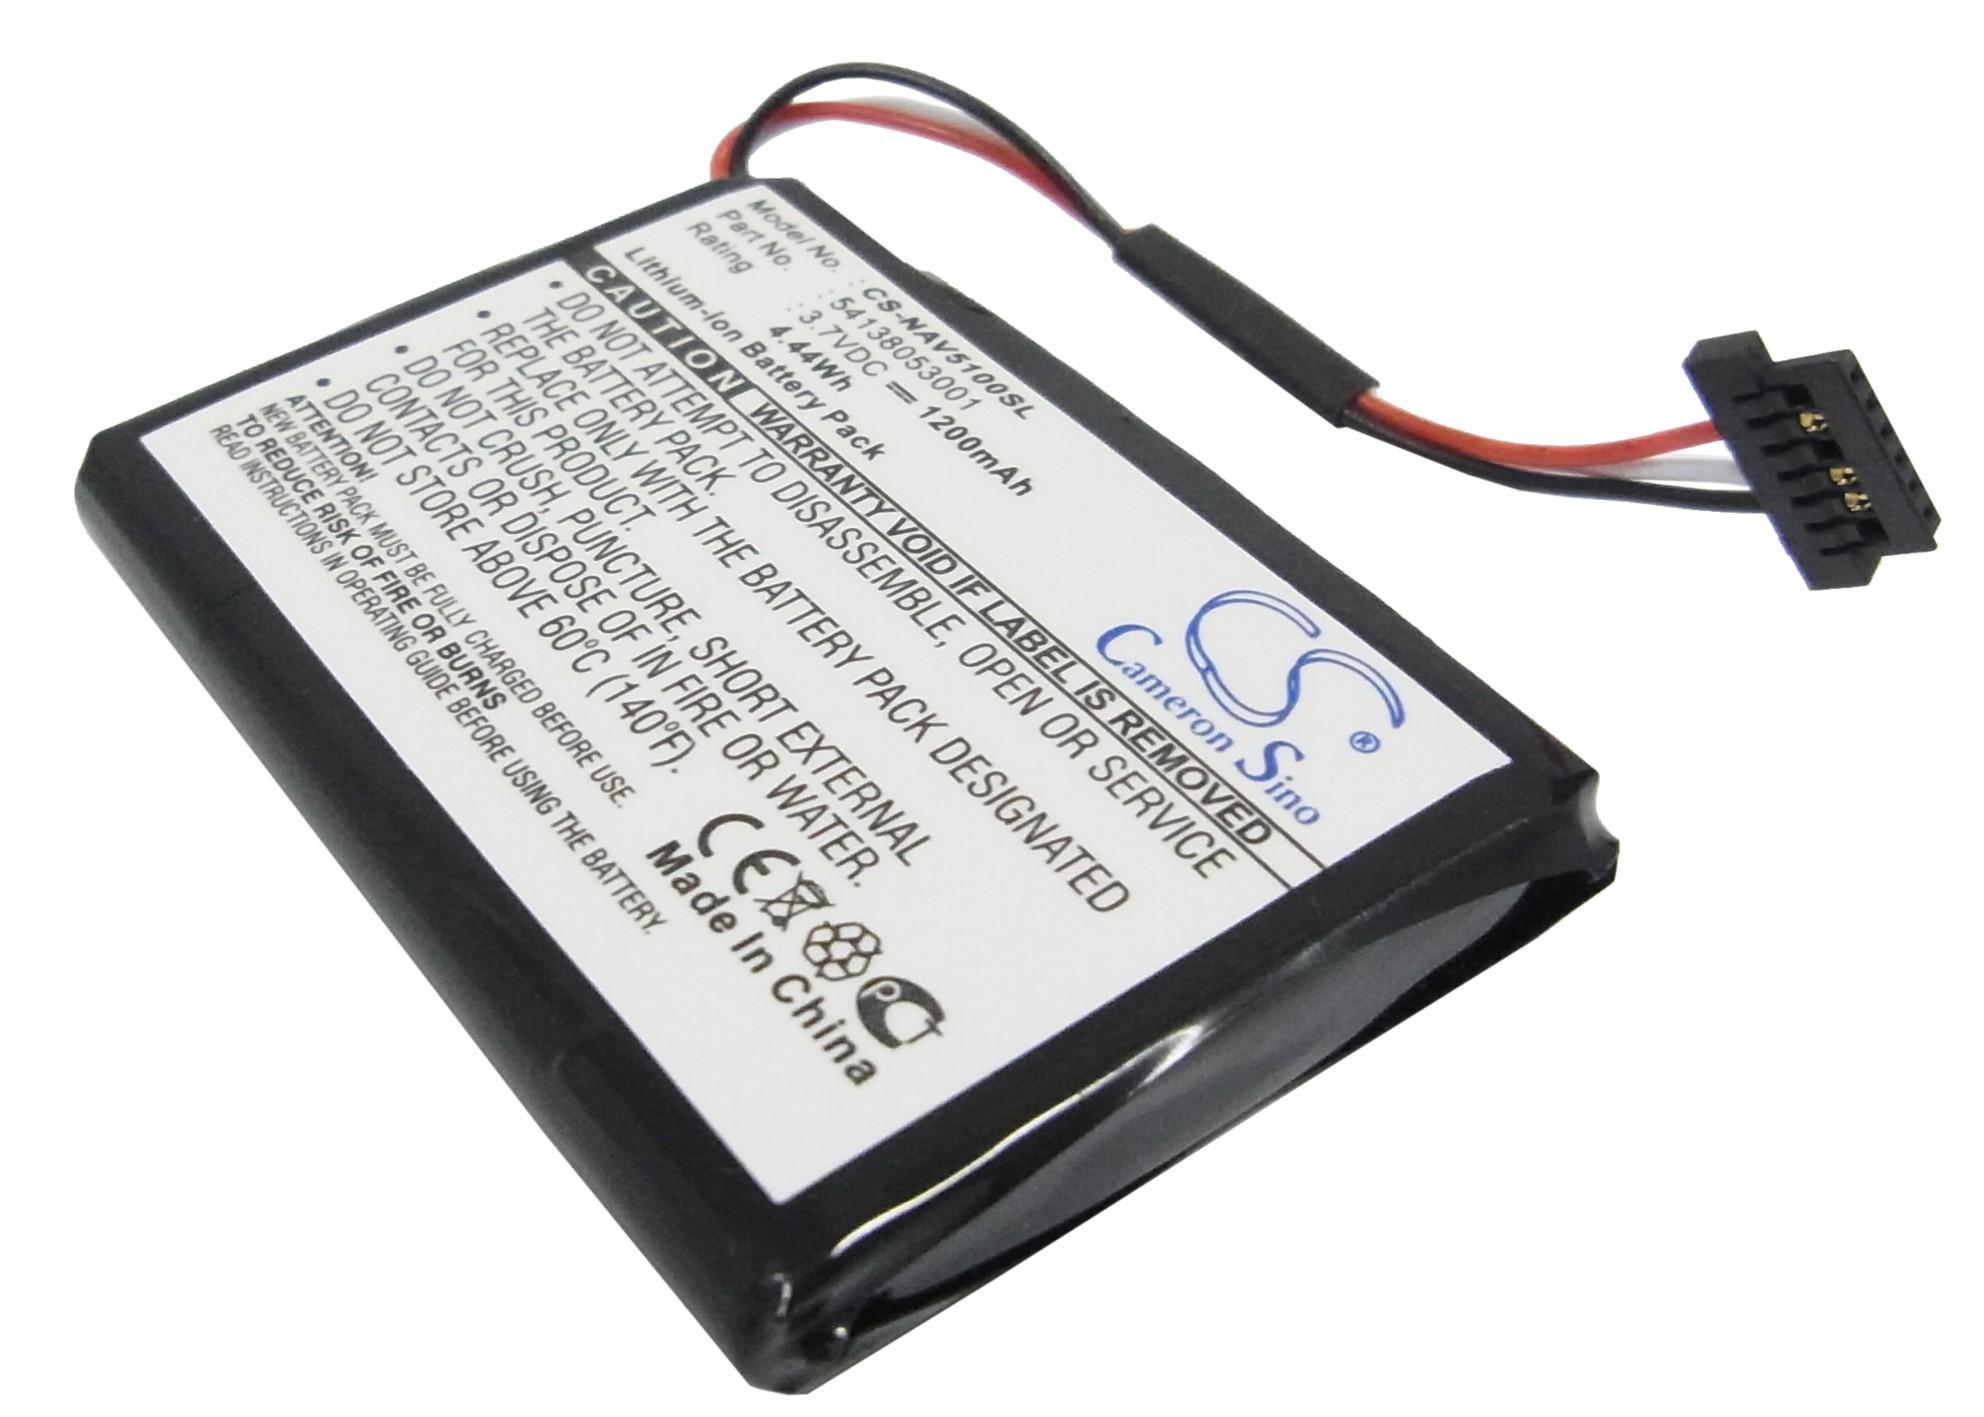 Cameron Sino baterie do navigací (gps) pro NAVIGON 5100 MAX 3.7V Li-ion 1200mAh černá - neoriginální